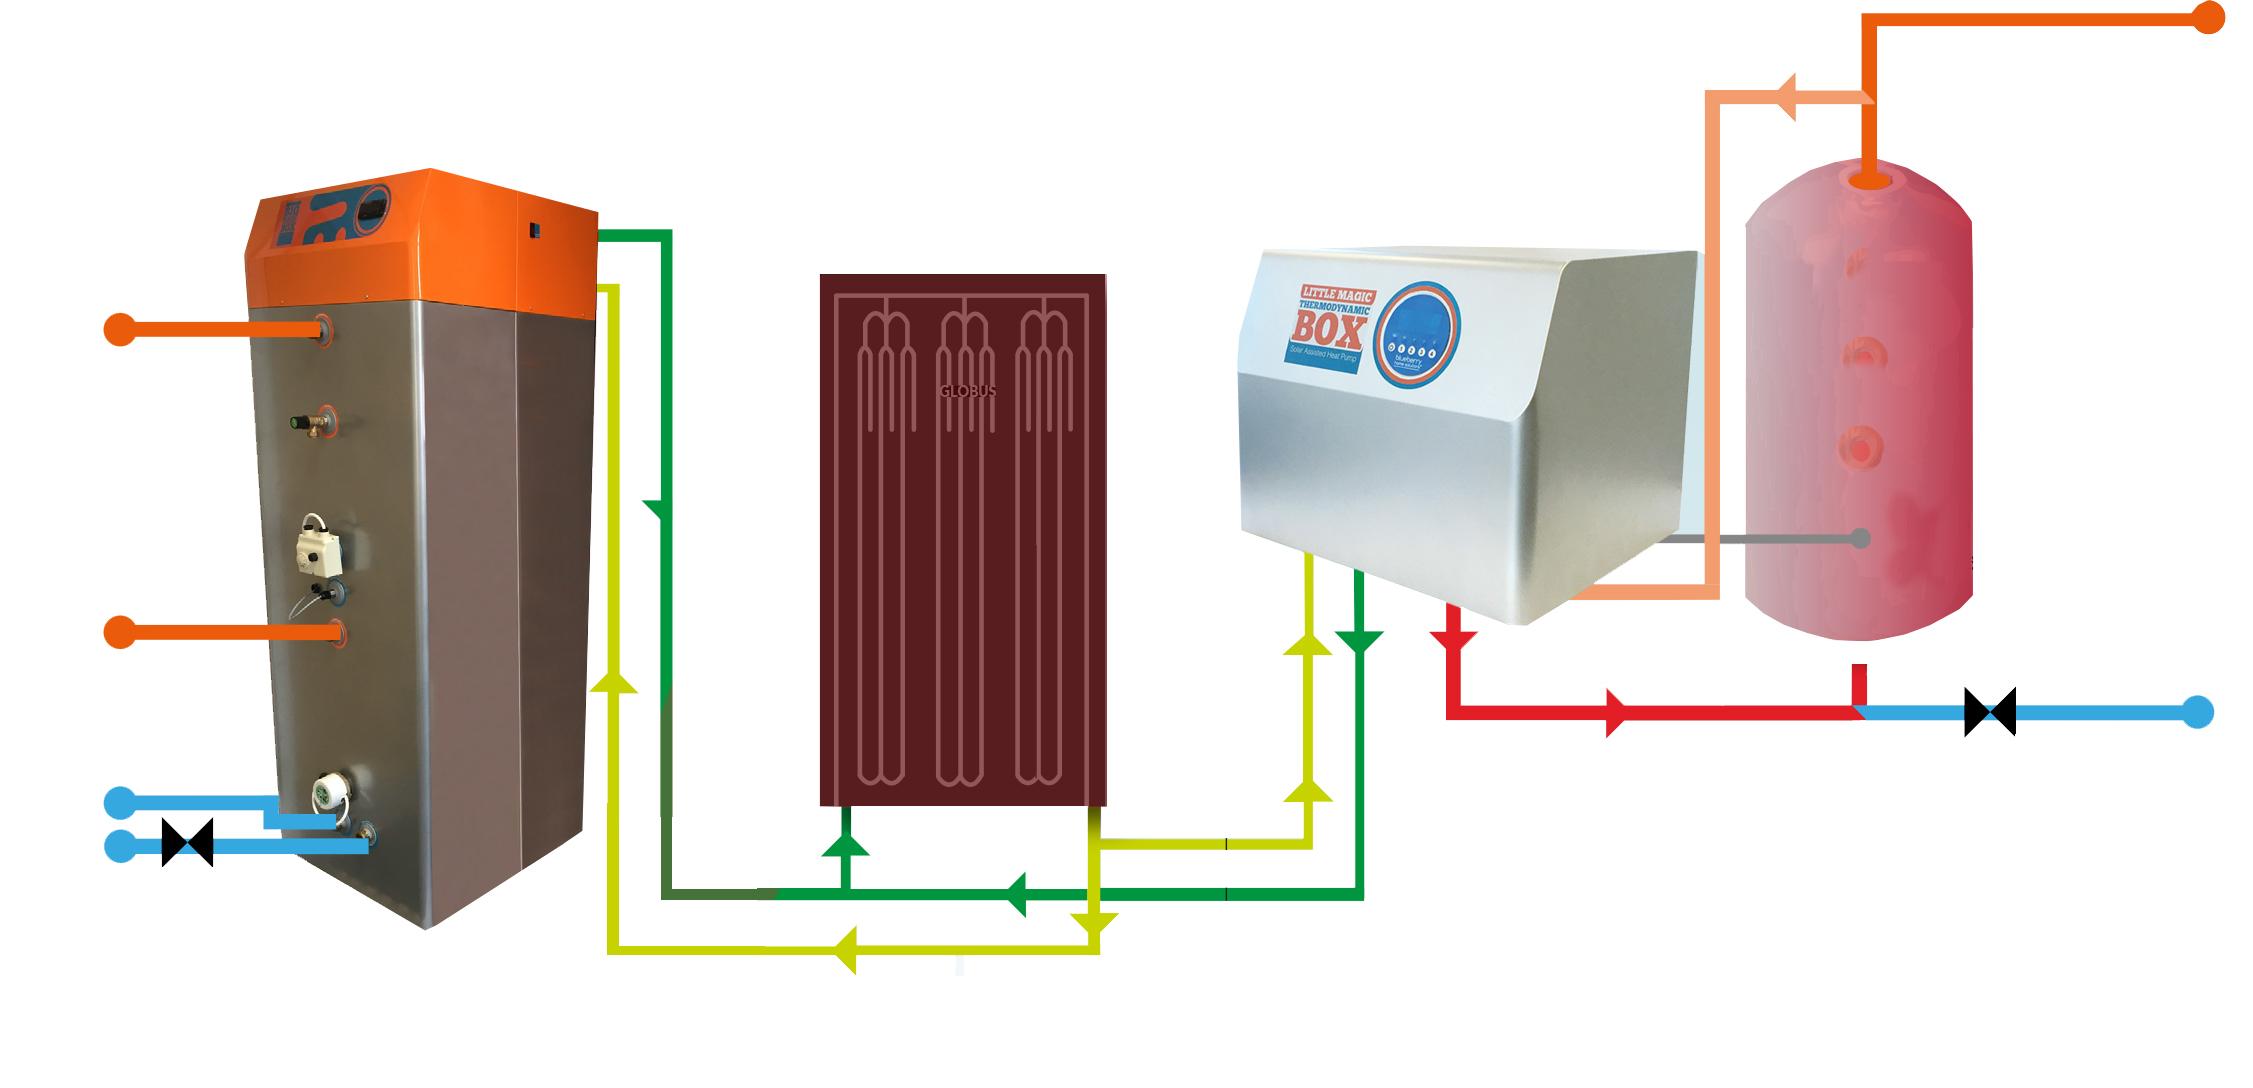 How Solar Thermodynamic Works